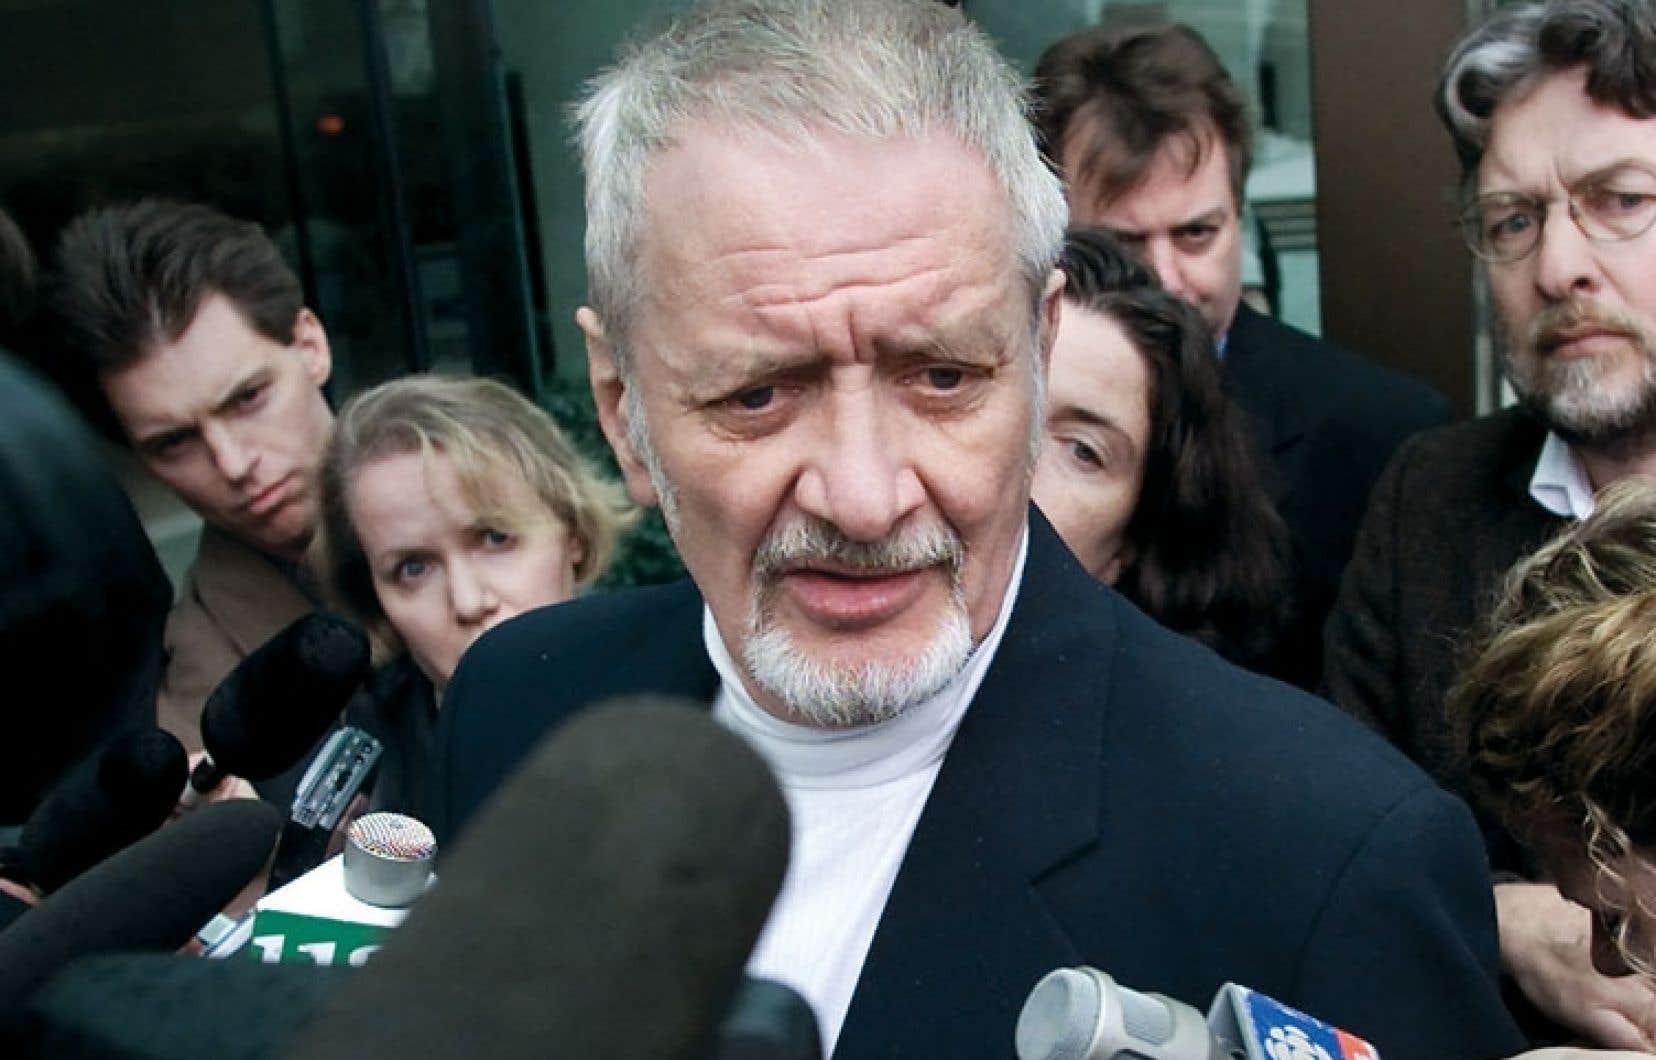 Dans la cause opposant la Couronne à John Robin Sharpe (photo), la Cour suprême a statué en 2001 qu'interdire la possession de matériel pornographique infantile ne brimait pas la liberté d'expression.